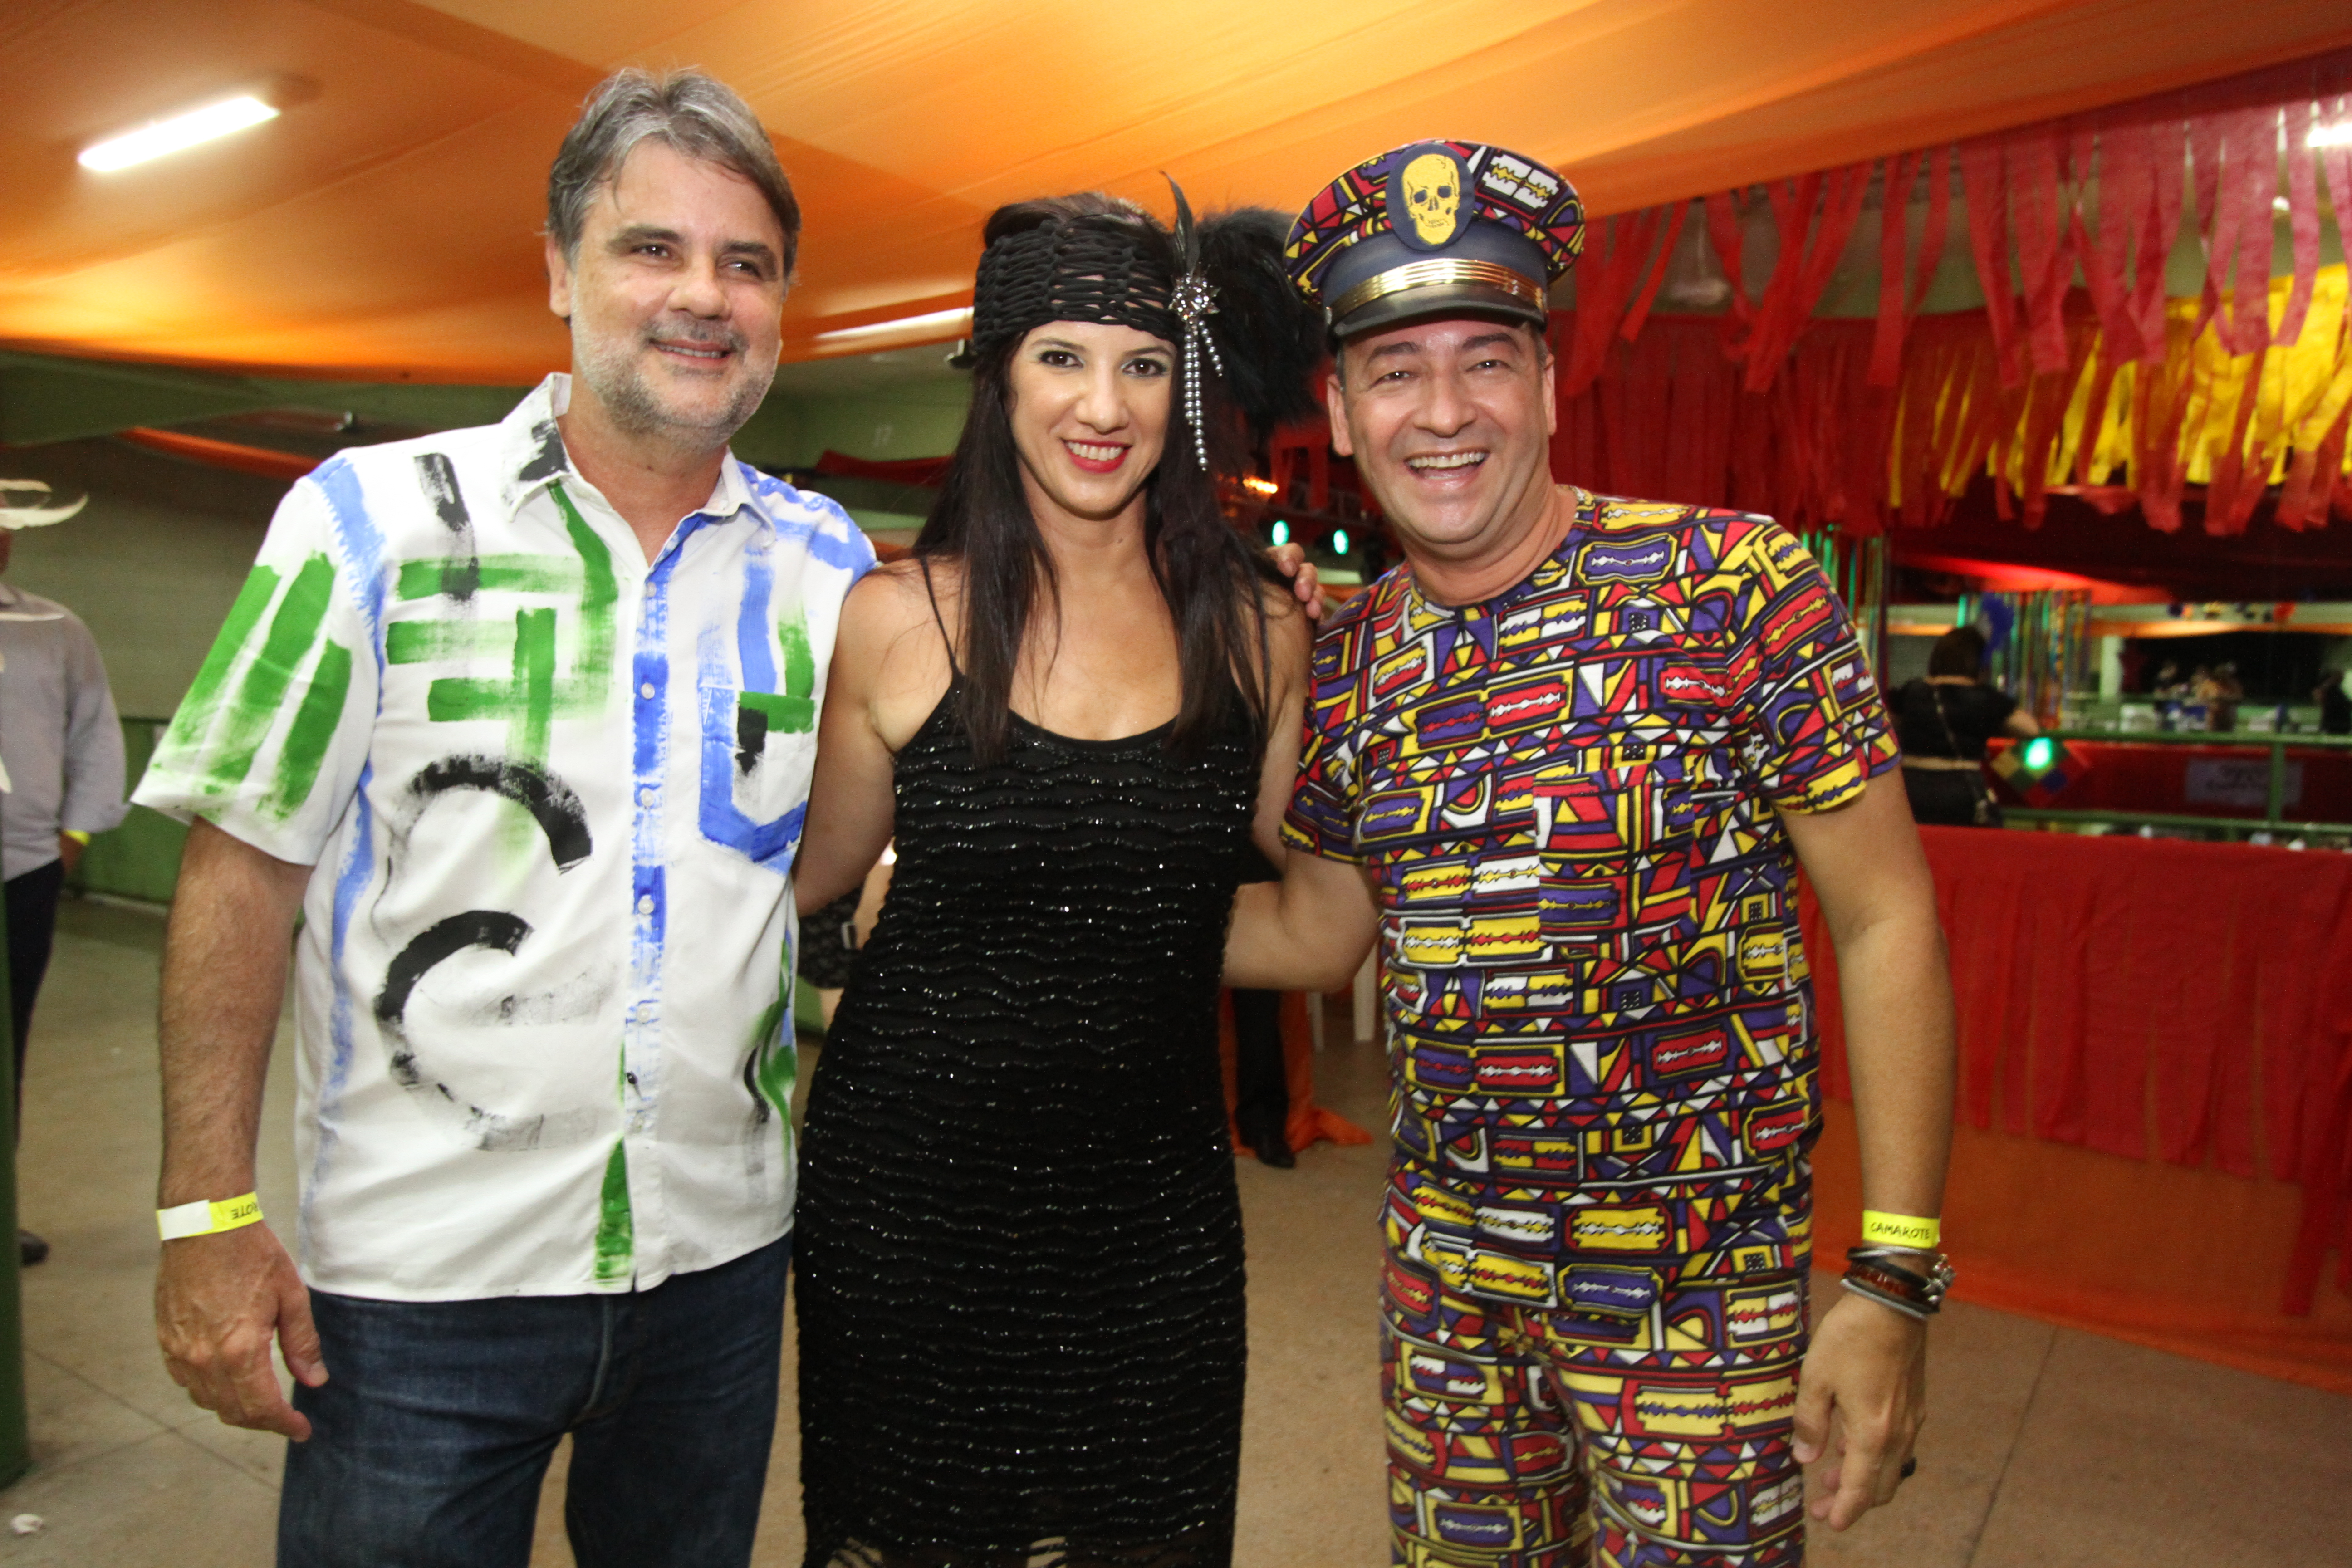 Raul Henry, Luiza Nogueira e Cesar Santos - Crédito: Nando Chiappetta/DP